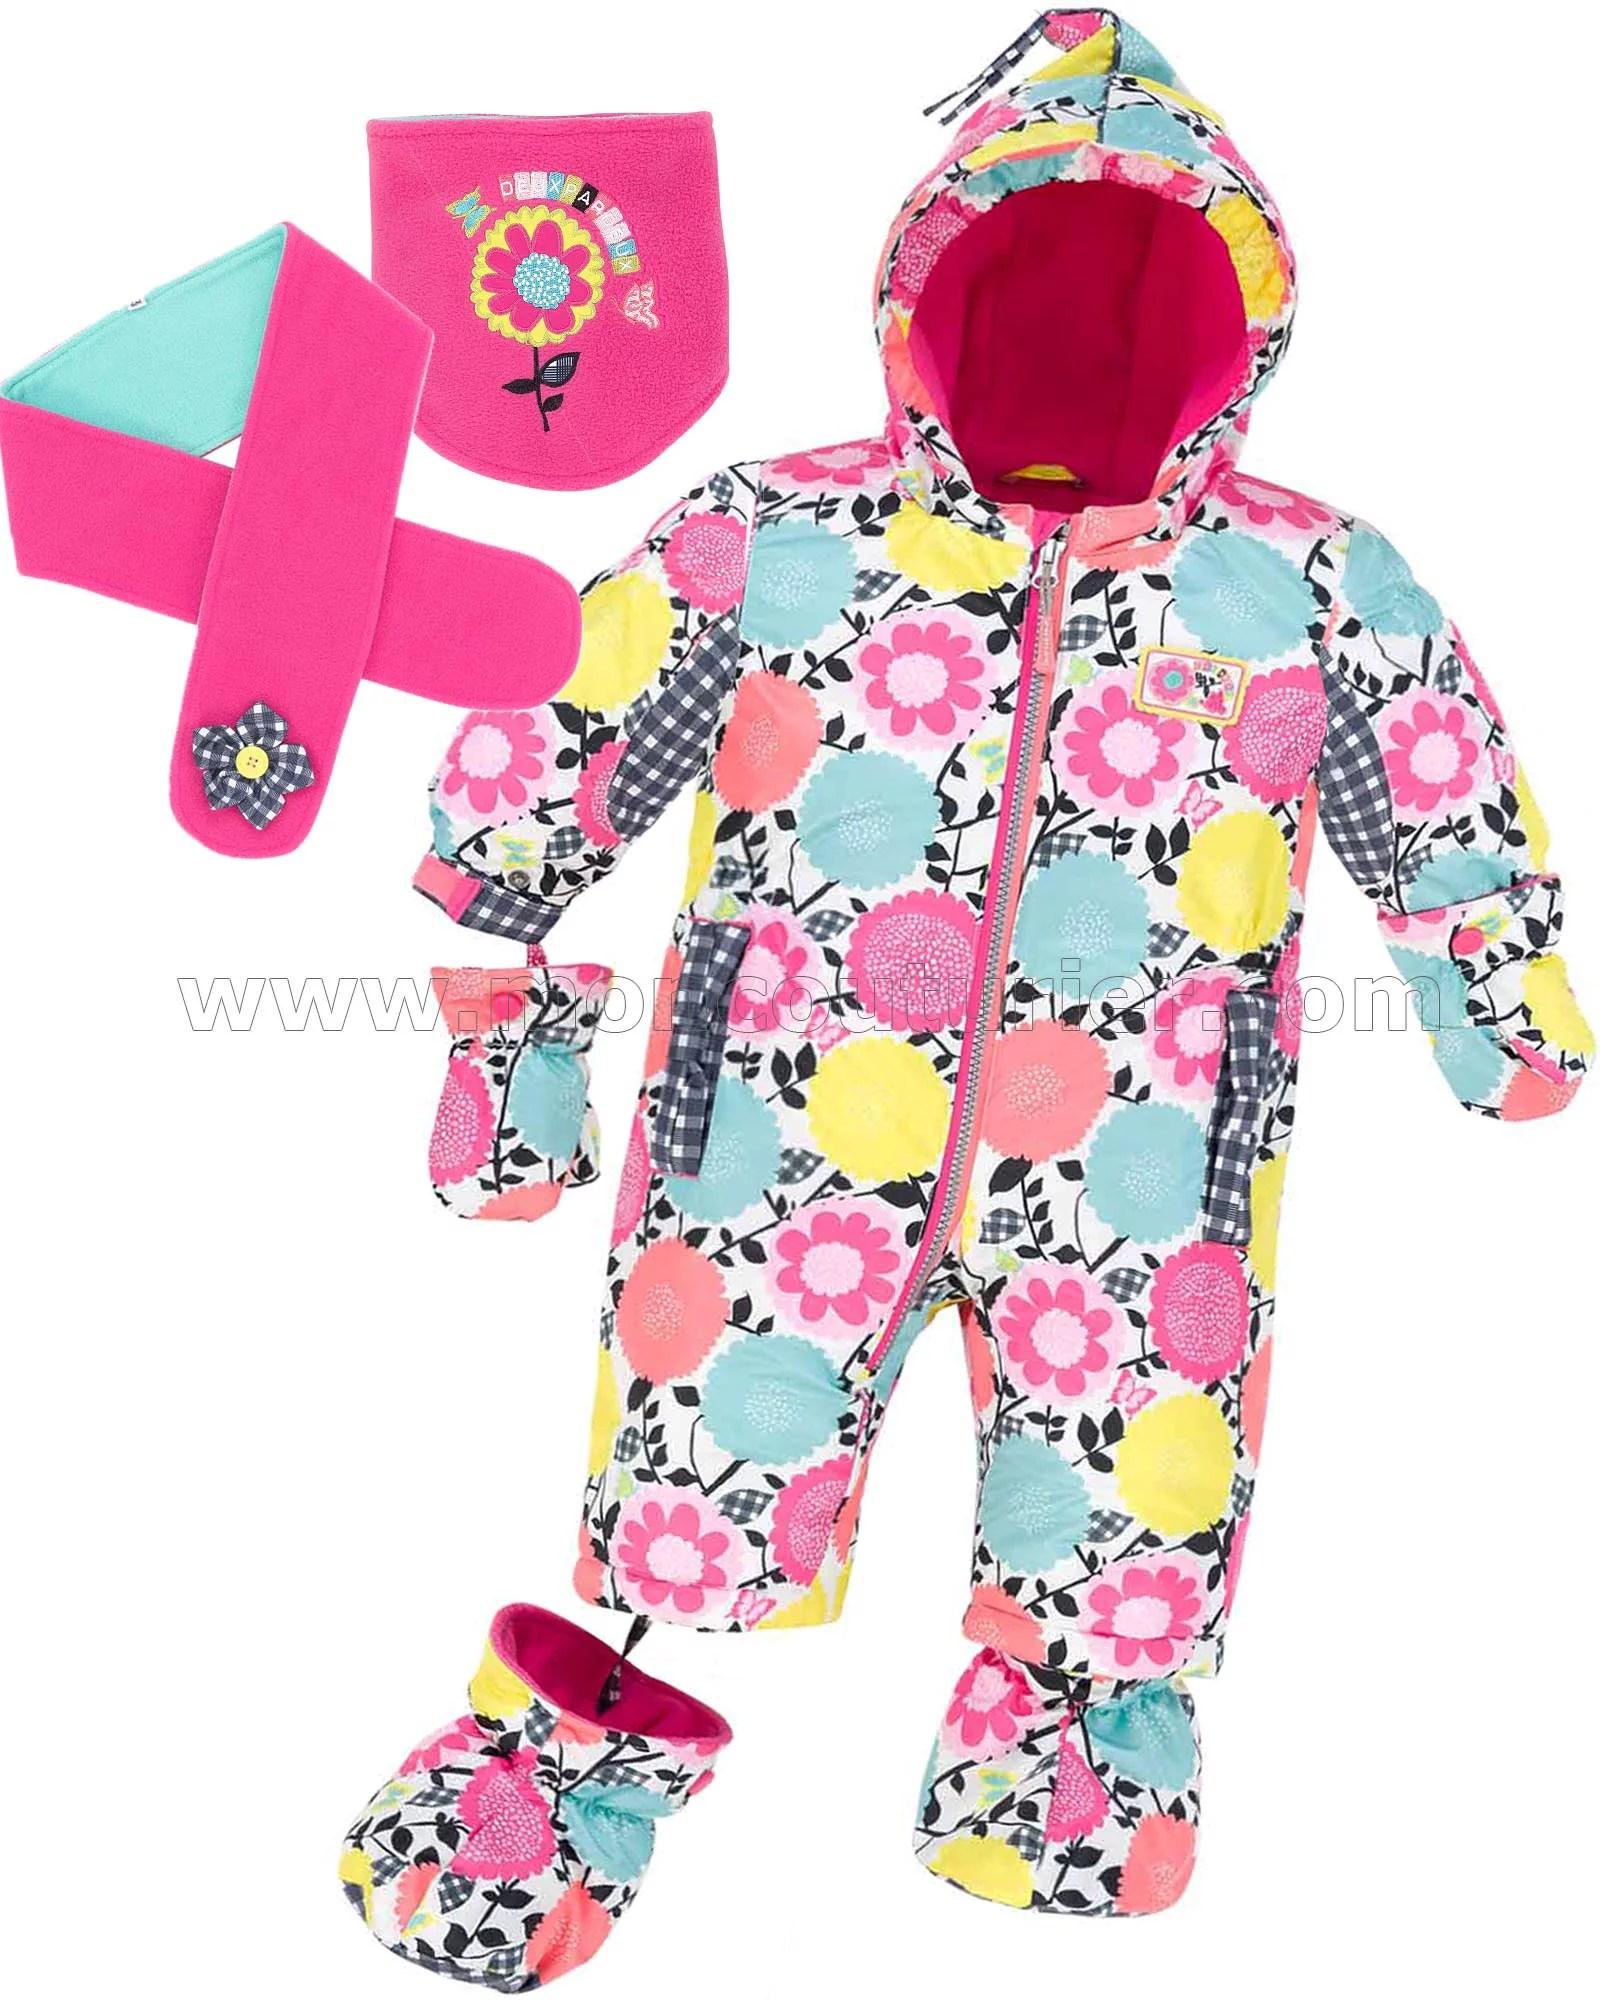 027e2861e3ae4 Canadiana Infant Pram Suit | Red 1 Ltd